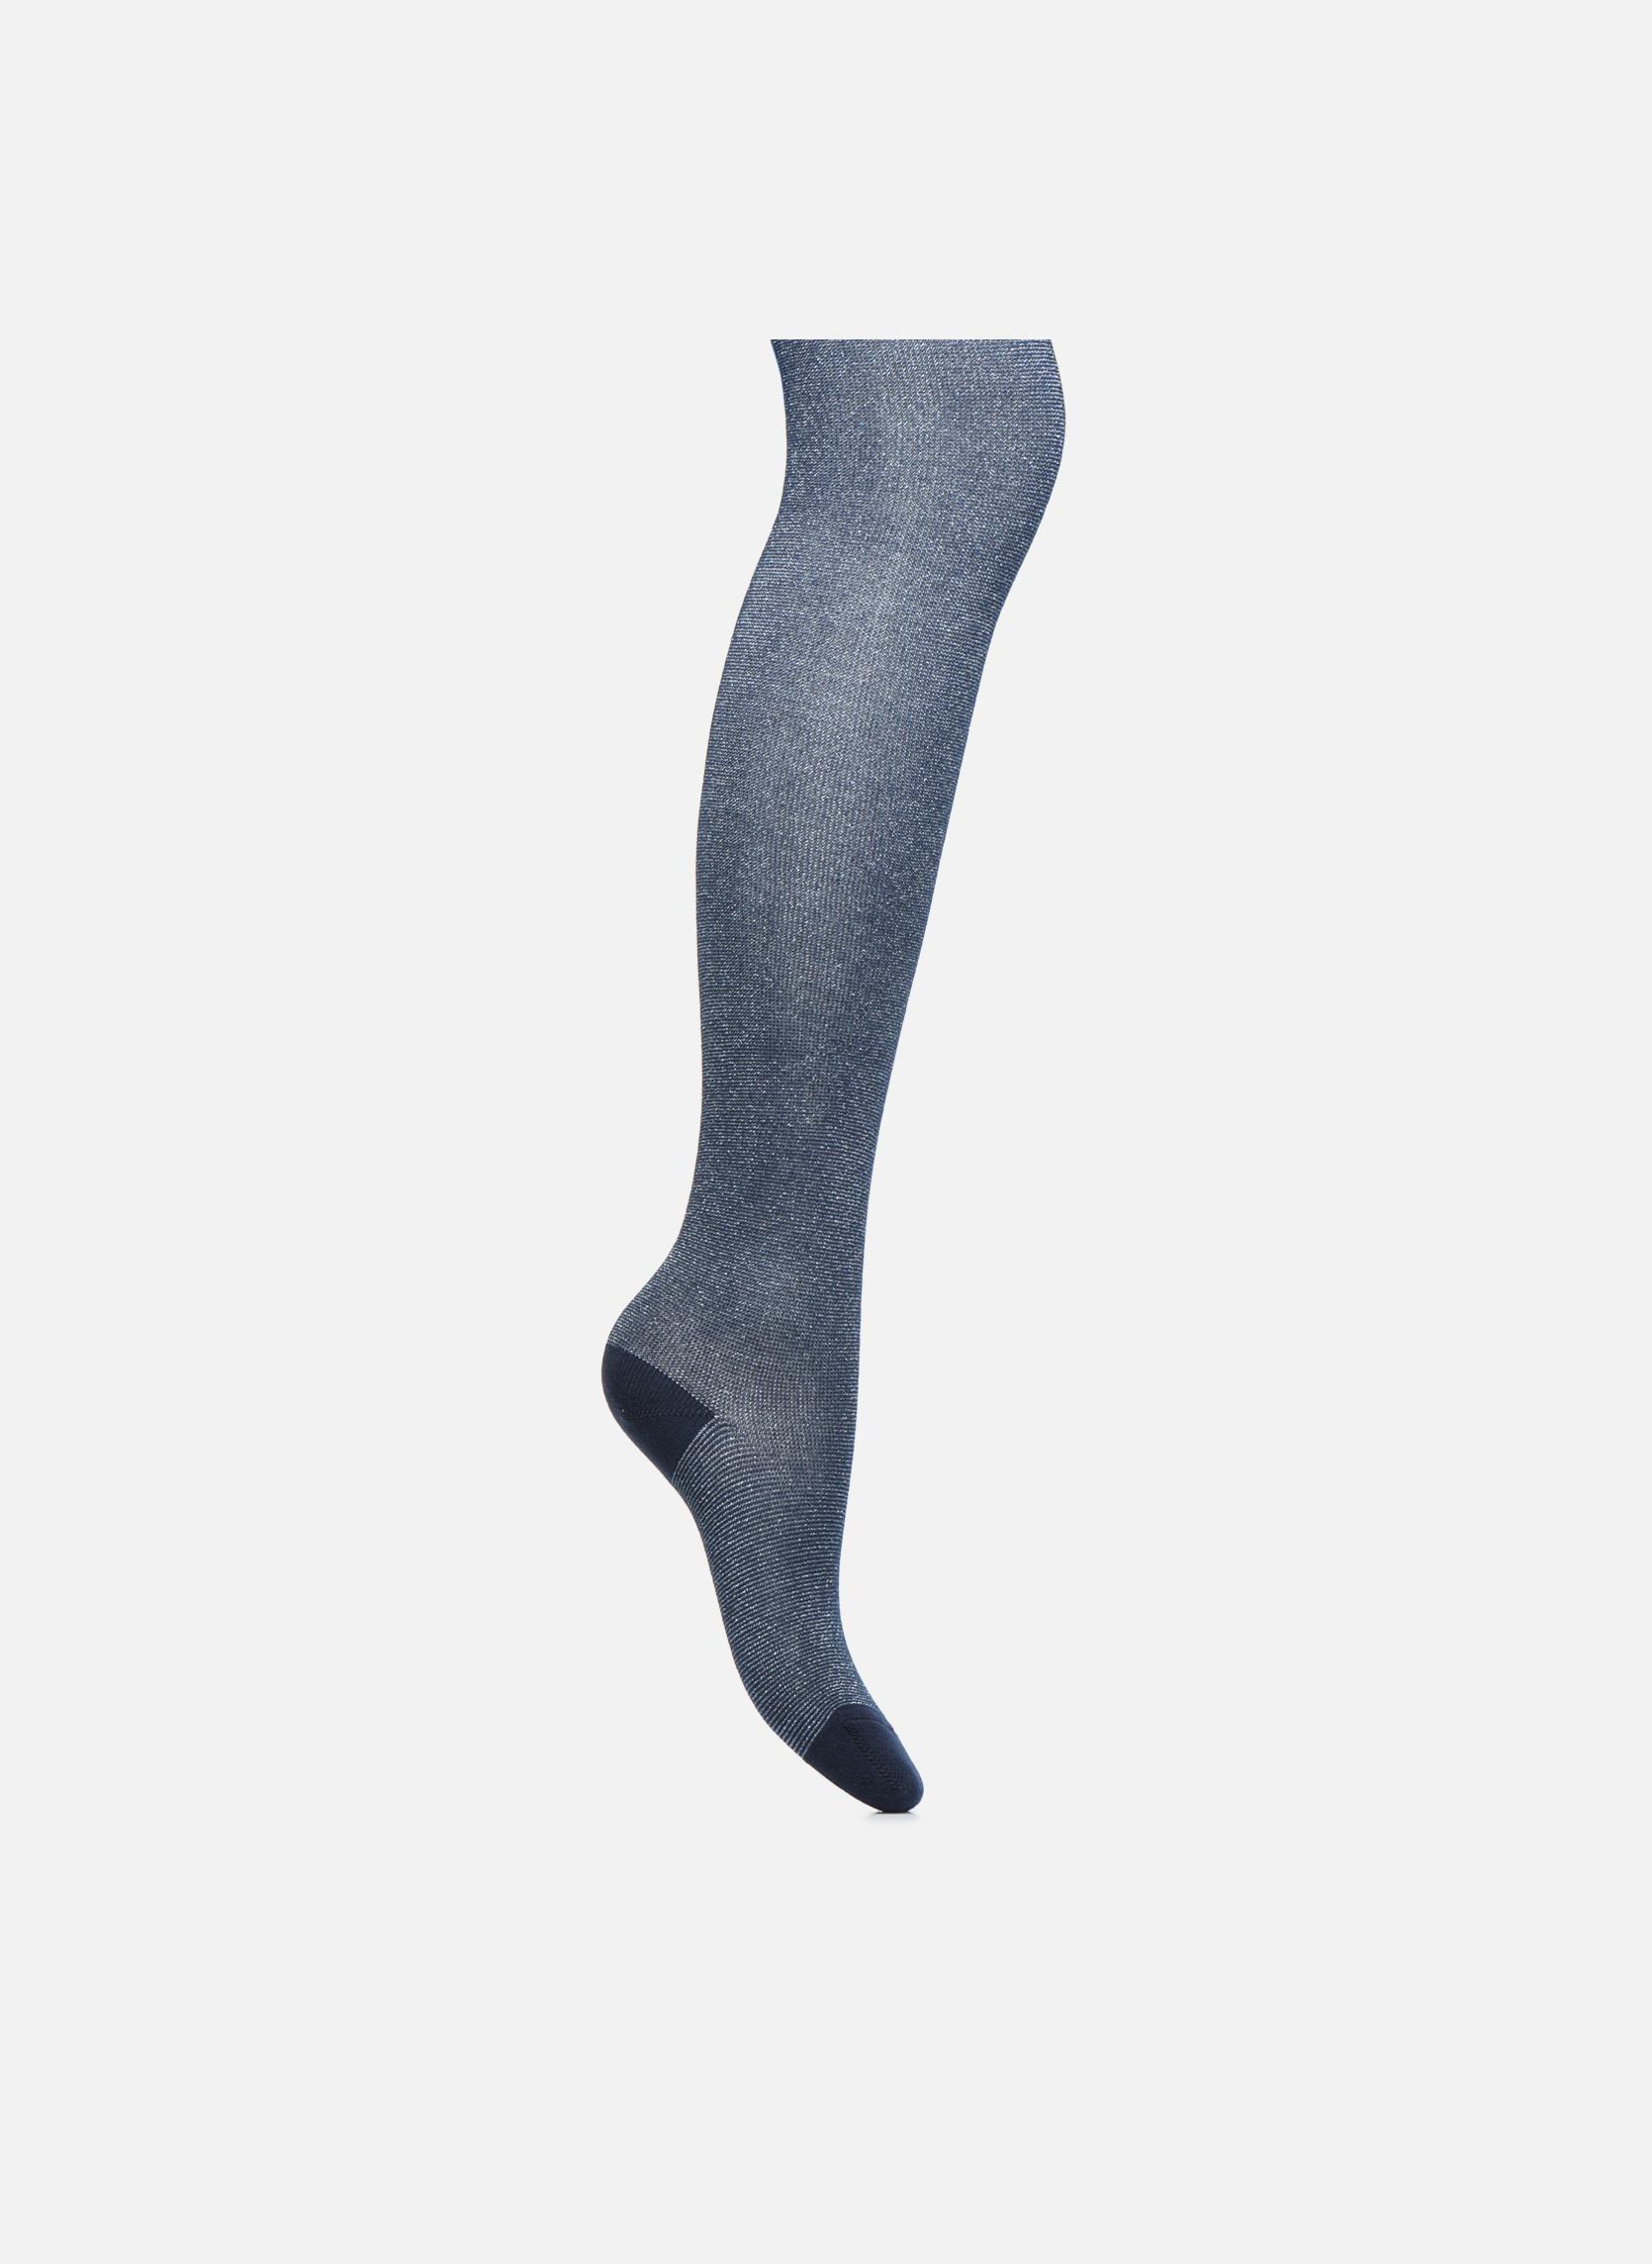 Socks & tights Accessories Tights GLITTER